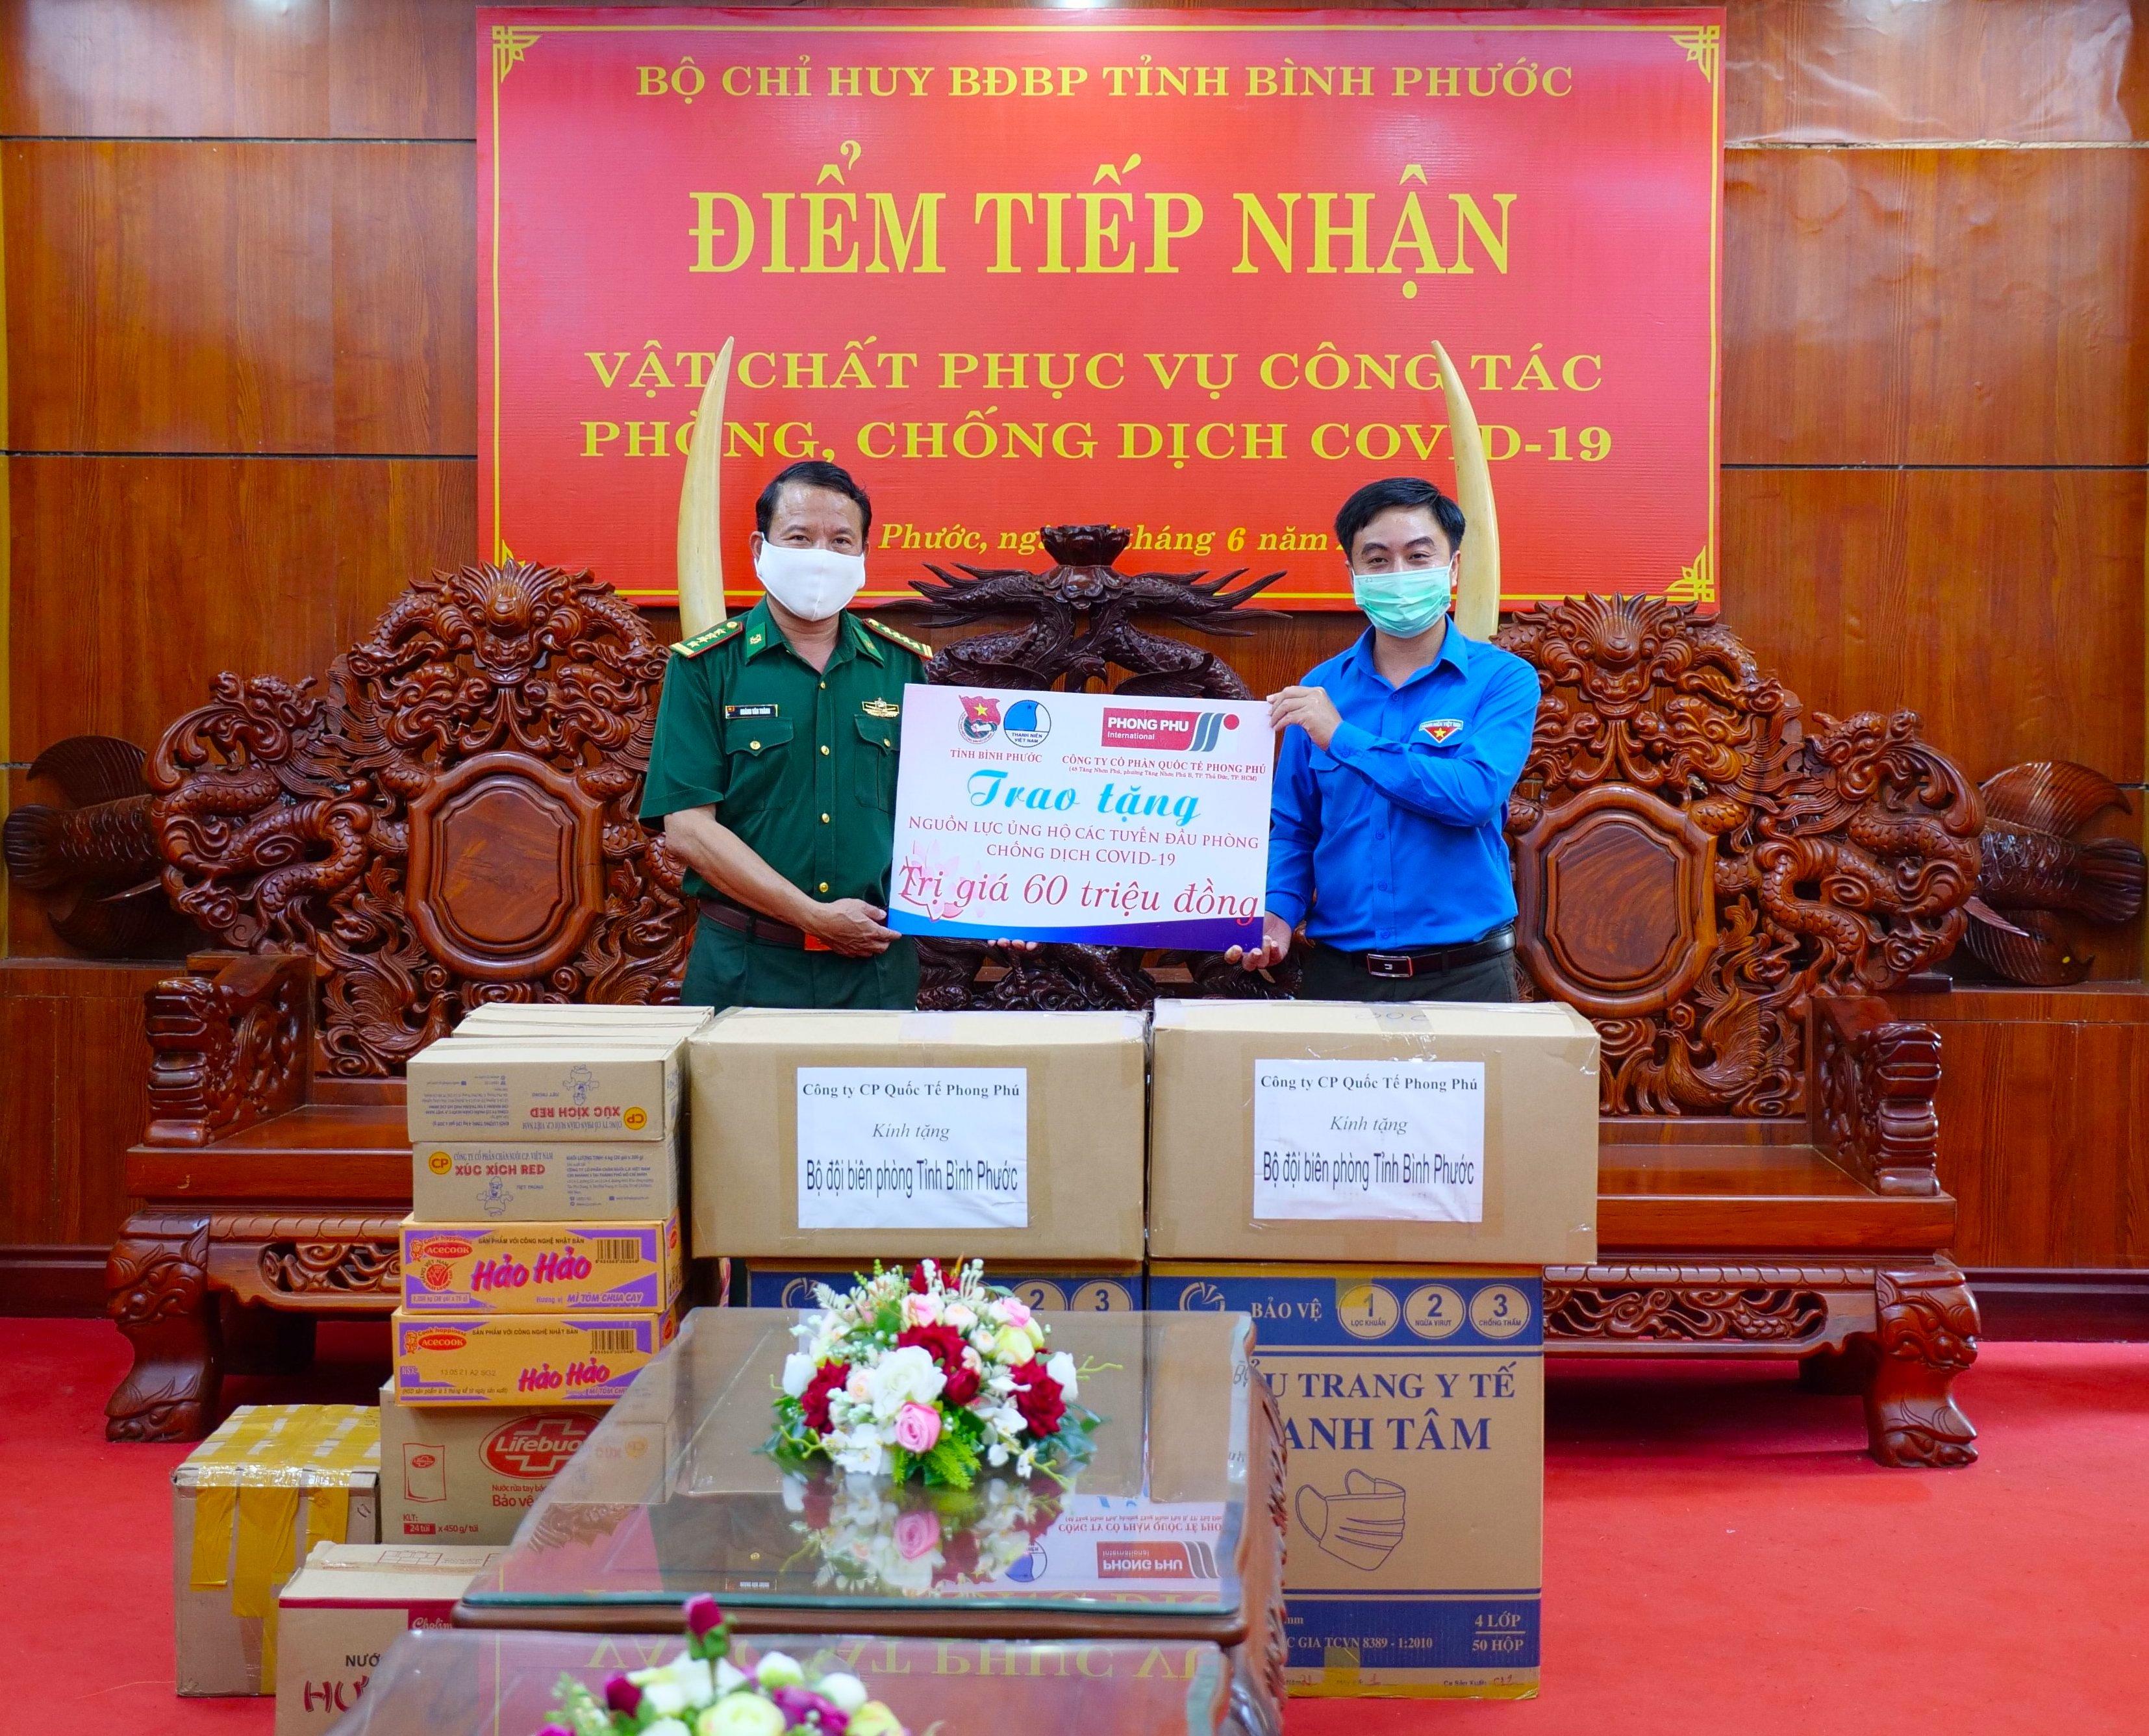 Do diễn biến phức tạp của dịch bệnh, Công ty Cổ phần quốc tế Phong Phú (TP. HCM) đã đề xuất Tỉnh Đoàn Bình Phước thay mặt Công ty, trao những phần quà hỗ trợ cho các lực lượng ở tuyến đầu chống dịch